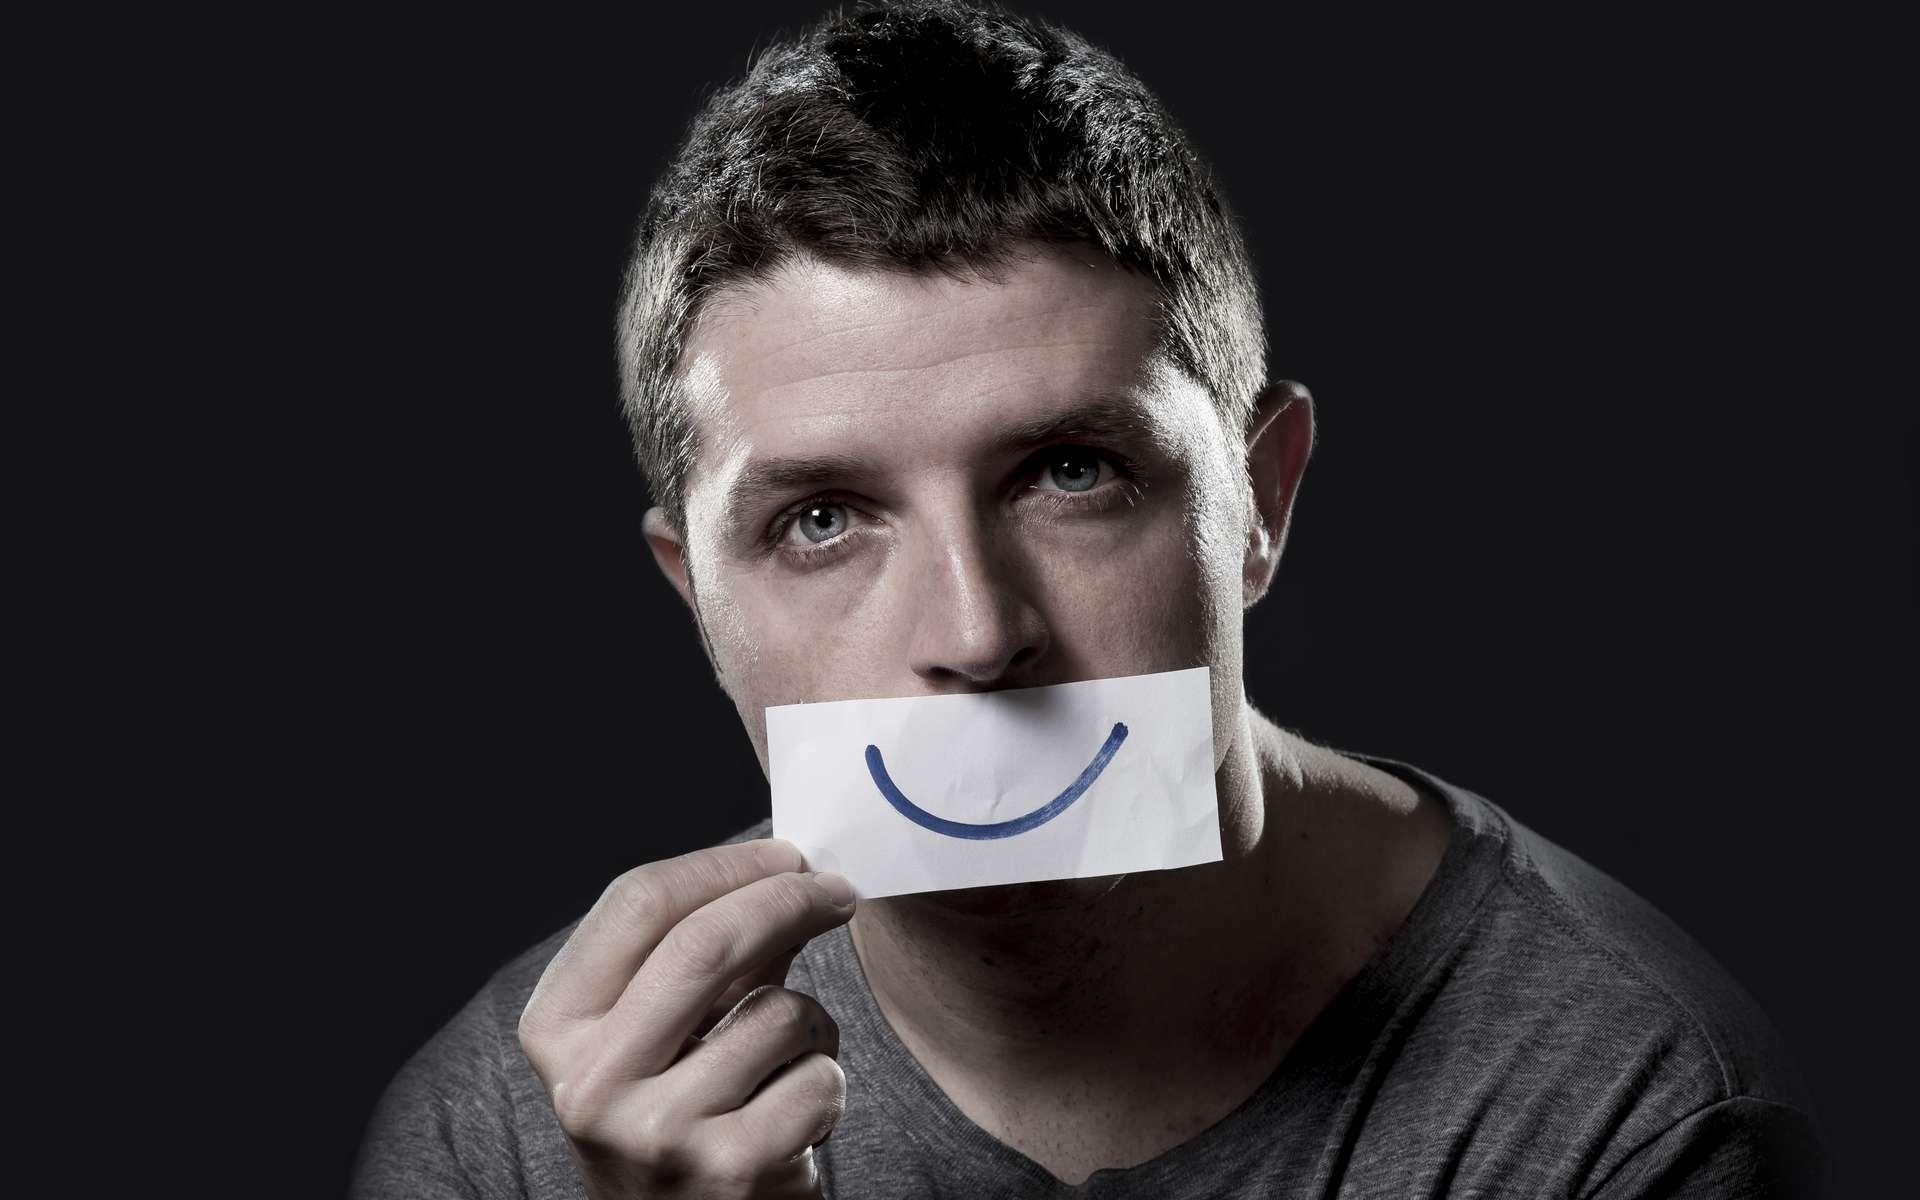 Et si la pensée positive ne fonctionnait pas ? © Wordley Calvo Stock, Adobe Stock